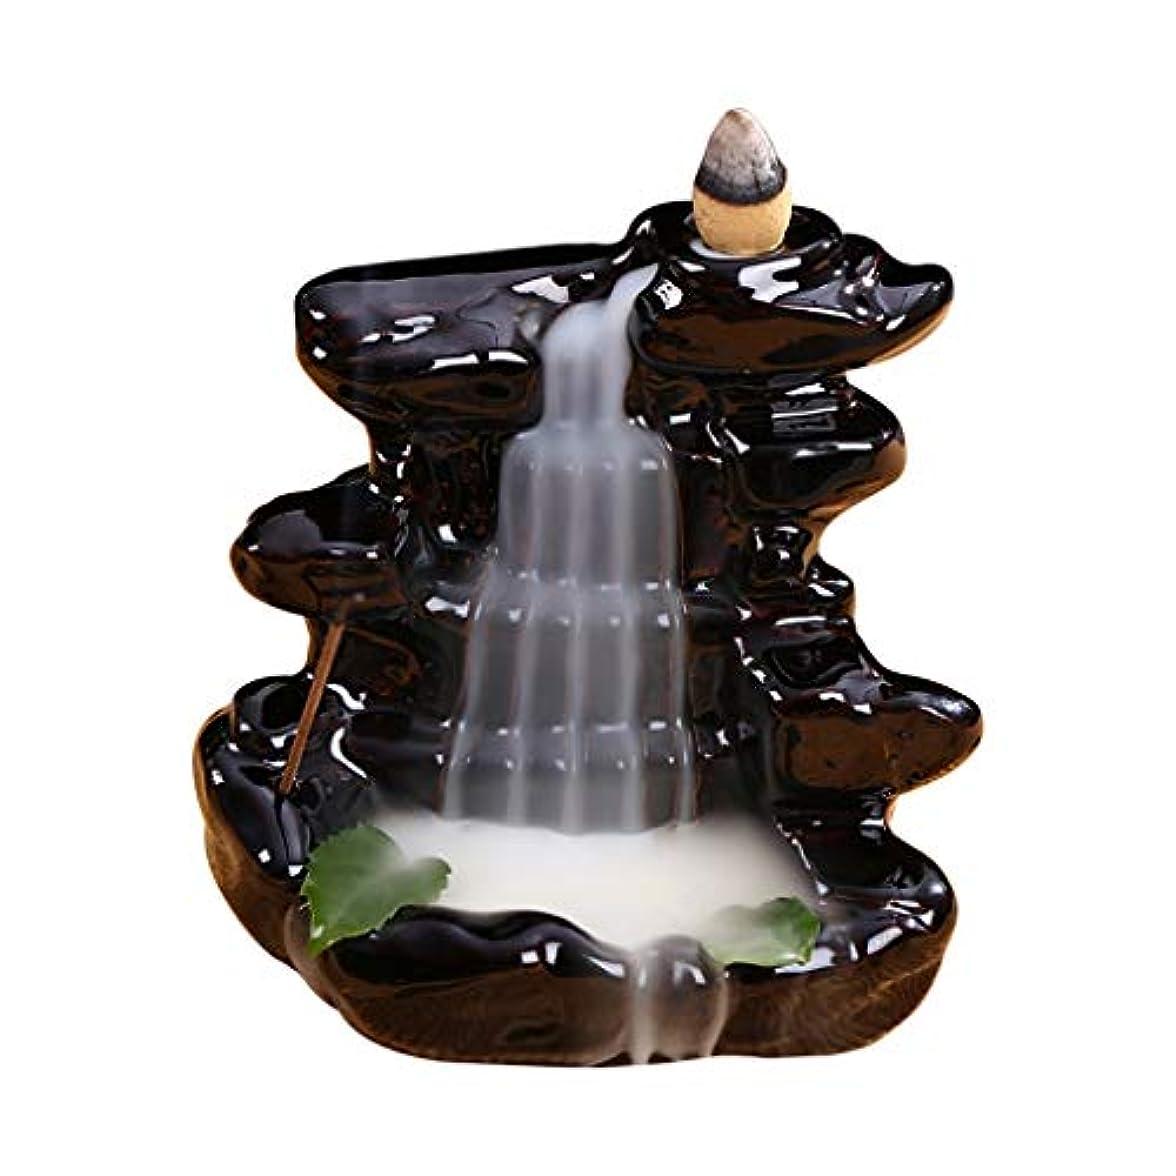 ニコチンブルゴーニュ中間クリエイティブ家の装飾逆流スティック香バーナーセラミック香炉家の装飾使用家茶屋滝香ホルダー (Color : Black, サイズ : 4.33*4.44 inches)